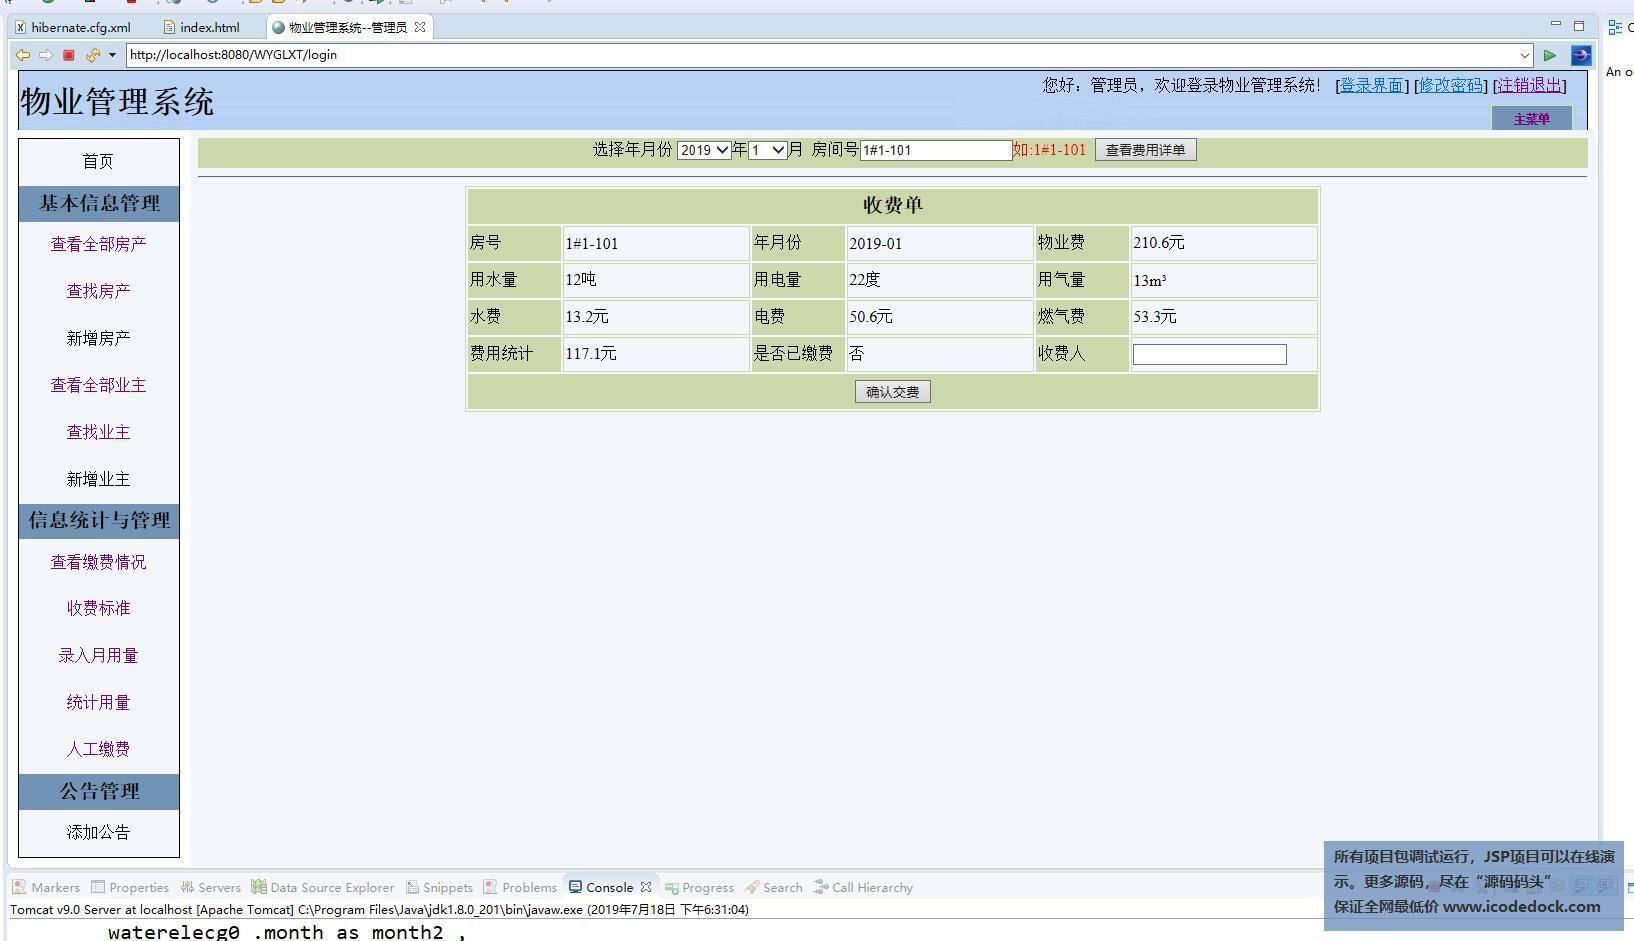 源码码头-SSH小区物业管理系统-管理员角色-缴费管理